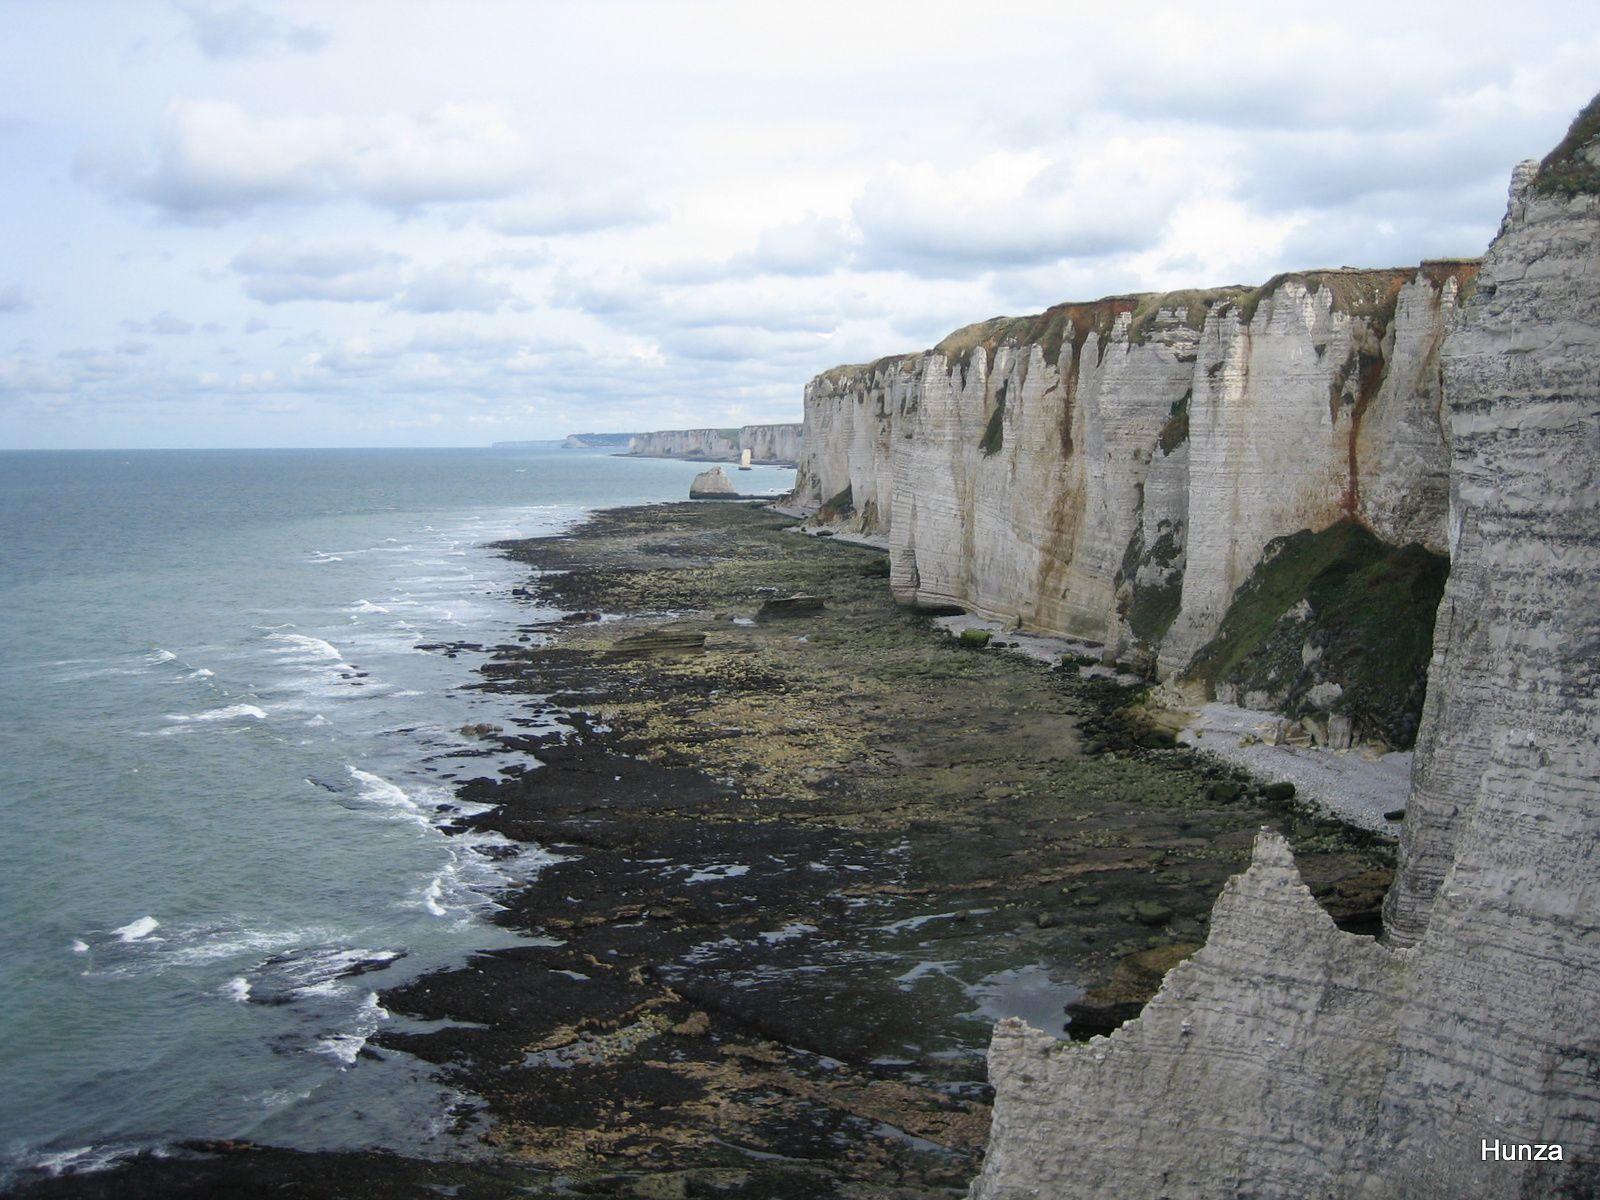 Vue depuis la falaise d'Amont vers l'aiguille de Belval: le platier découvert à marée basse